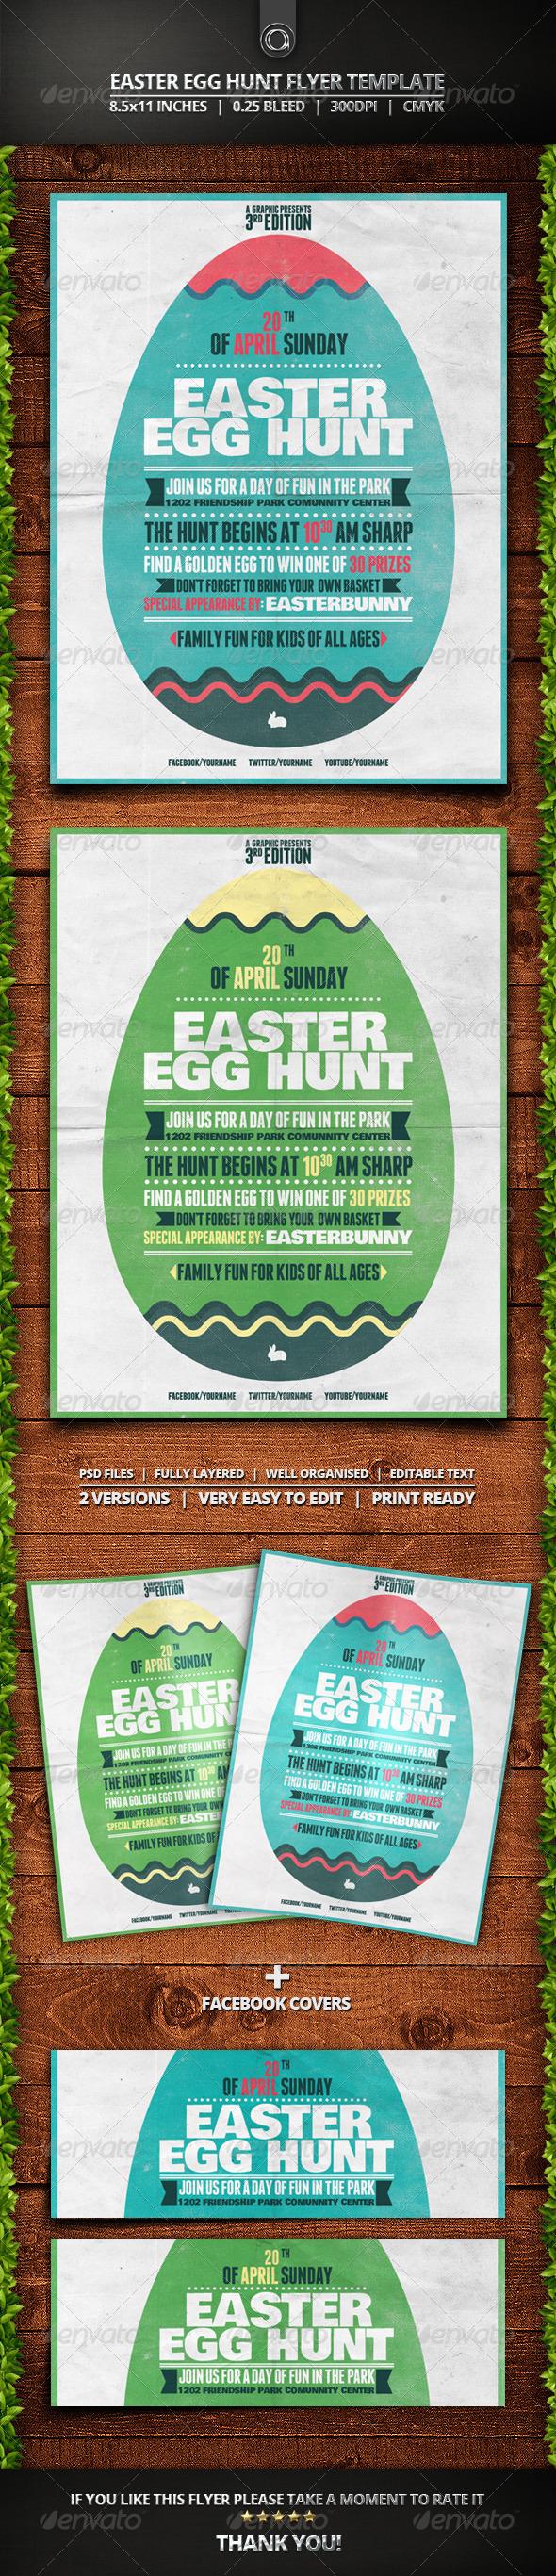 GraphicRiver Easter Egg Hunt Flyer Template 7365531